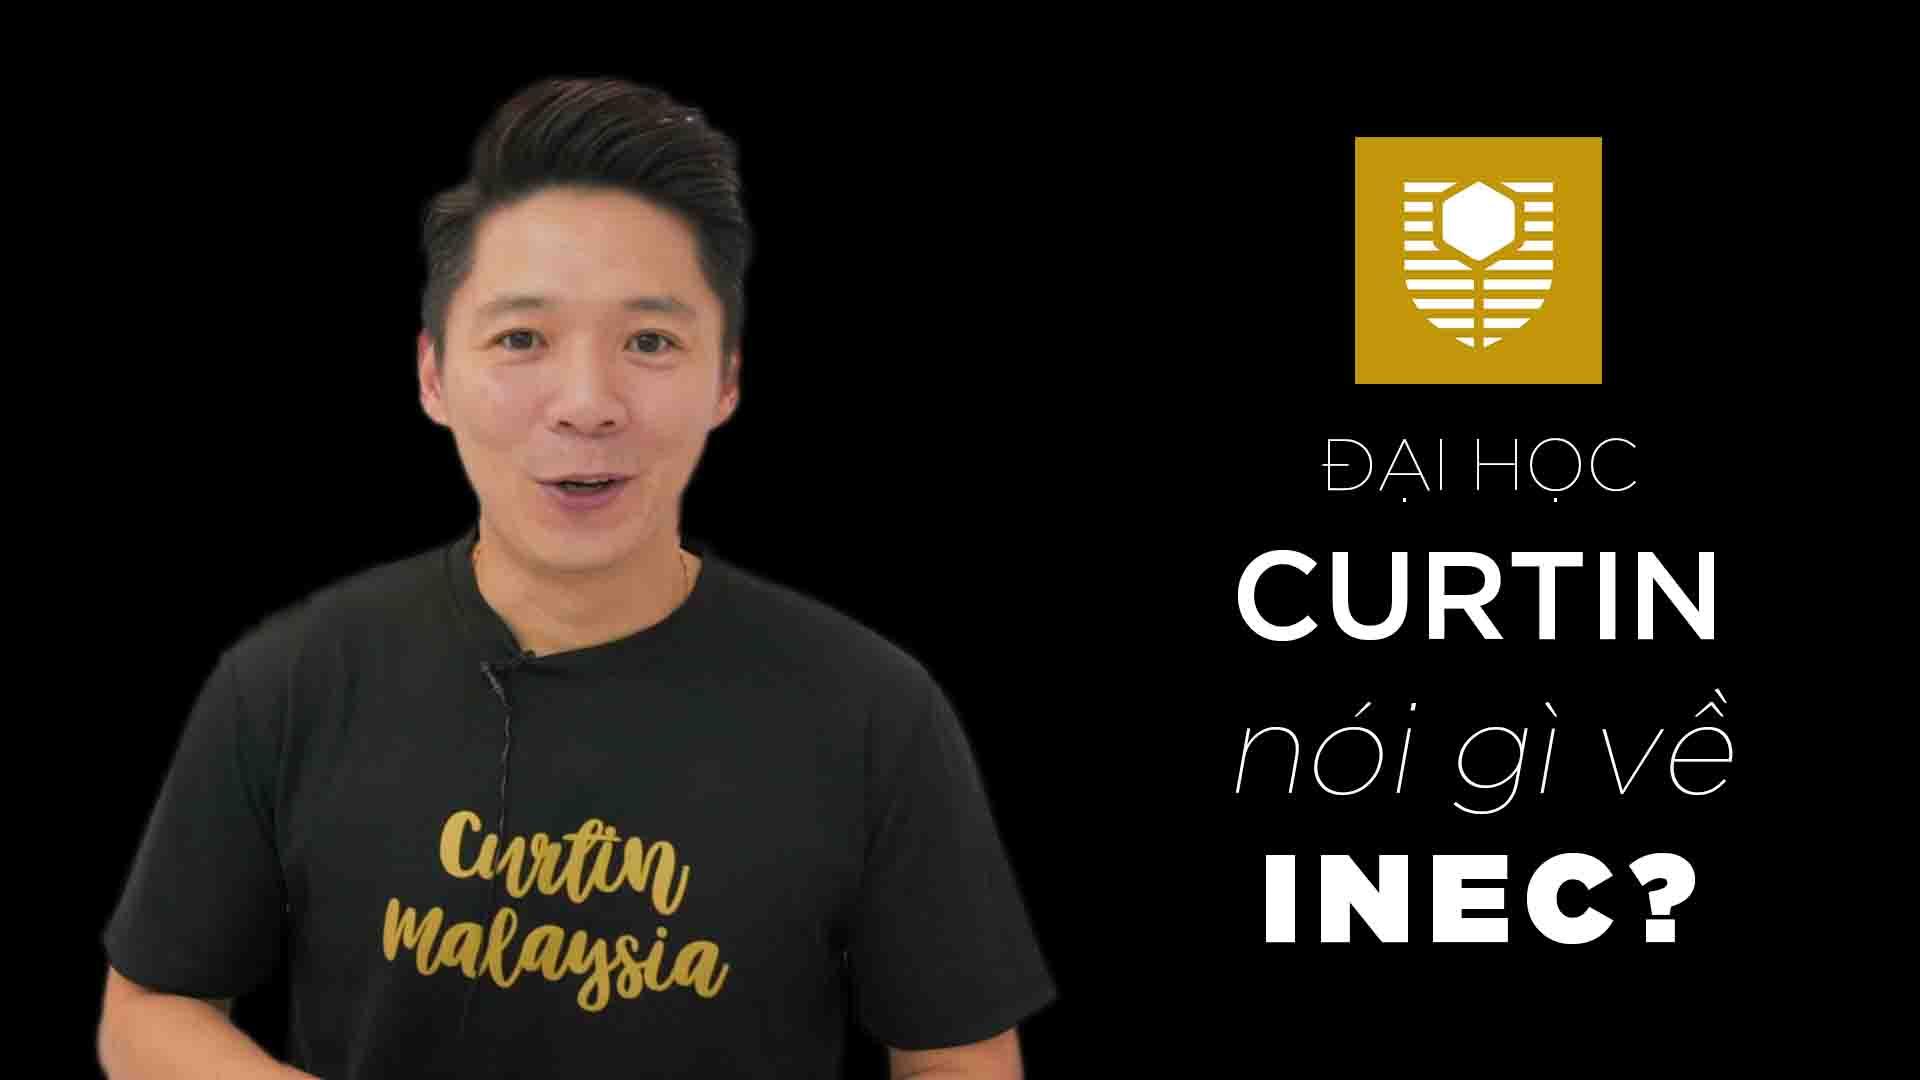 Ông Nicolas Lau là đại diện đến từ Đại học Curtin khu học xá Sarawak, Malaysia. Bên cạnh việc giới thiệu về Đại học Curtin với 4 khu học xá đặt tại 4 quốc gia khác nhau trên thế giới với chương trình đào tạo và bằng cấp tương đương, ông Nicolas chia sẻ 3 lý do chính khiến sinh viên quốc tế chọn du học Malaysia tại Đại học Curtin Sarawak là: môi trường sống an ninh và thanh bình, học phí phải chăng và chất lượng bằng cấp. Sự hợp tác giữa Curtin và INEC đã diễn ra trong thời gian dài và vẫn tiếp tục, điều này cũng được ông Nicolas công nhận và đánh giá cao.